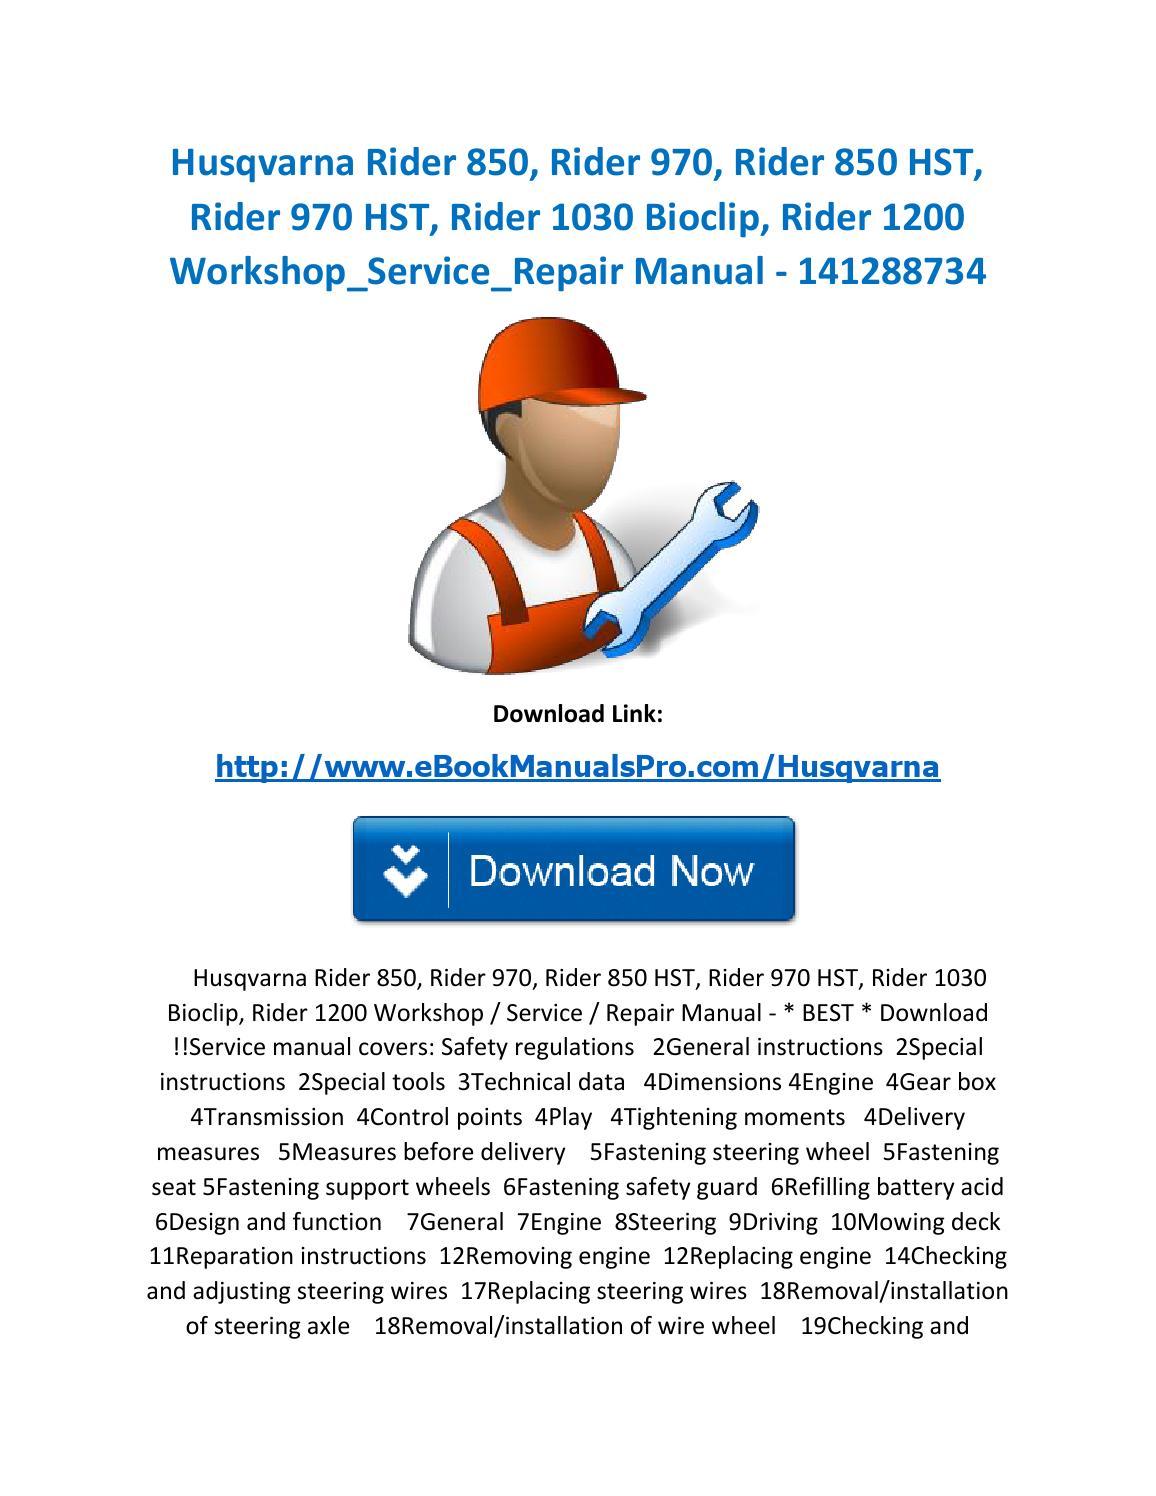 Husqvarna rider 850, rider 970, rider 850 hst, rider 970 hst, rider 1030  bioclip, rider 1200 worksho by karl casino - issuu